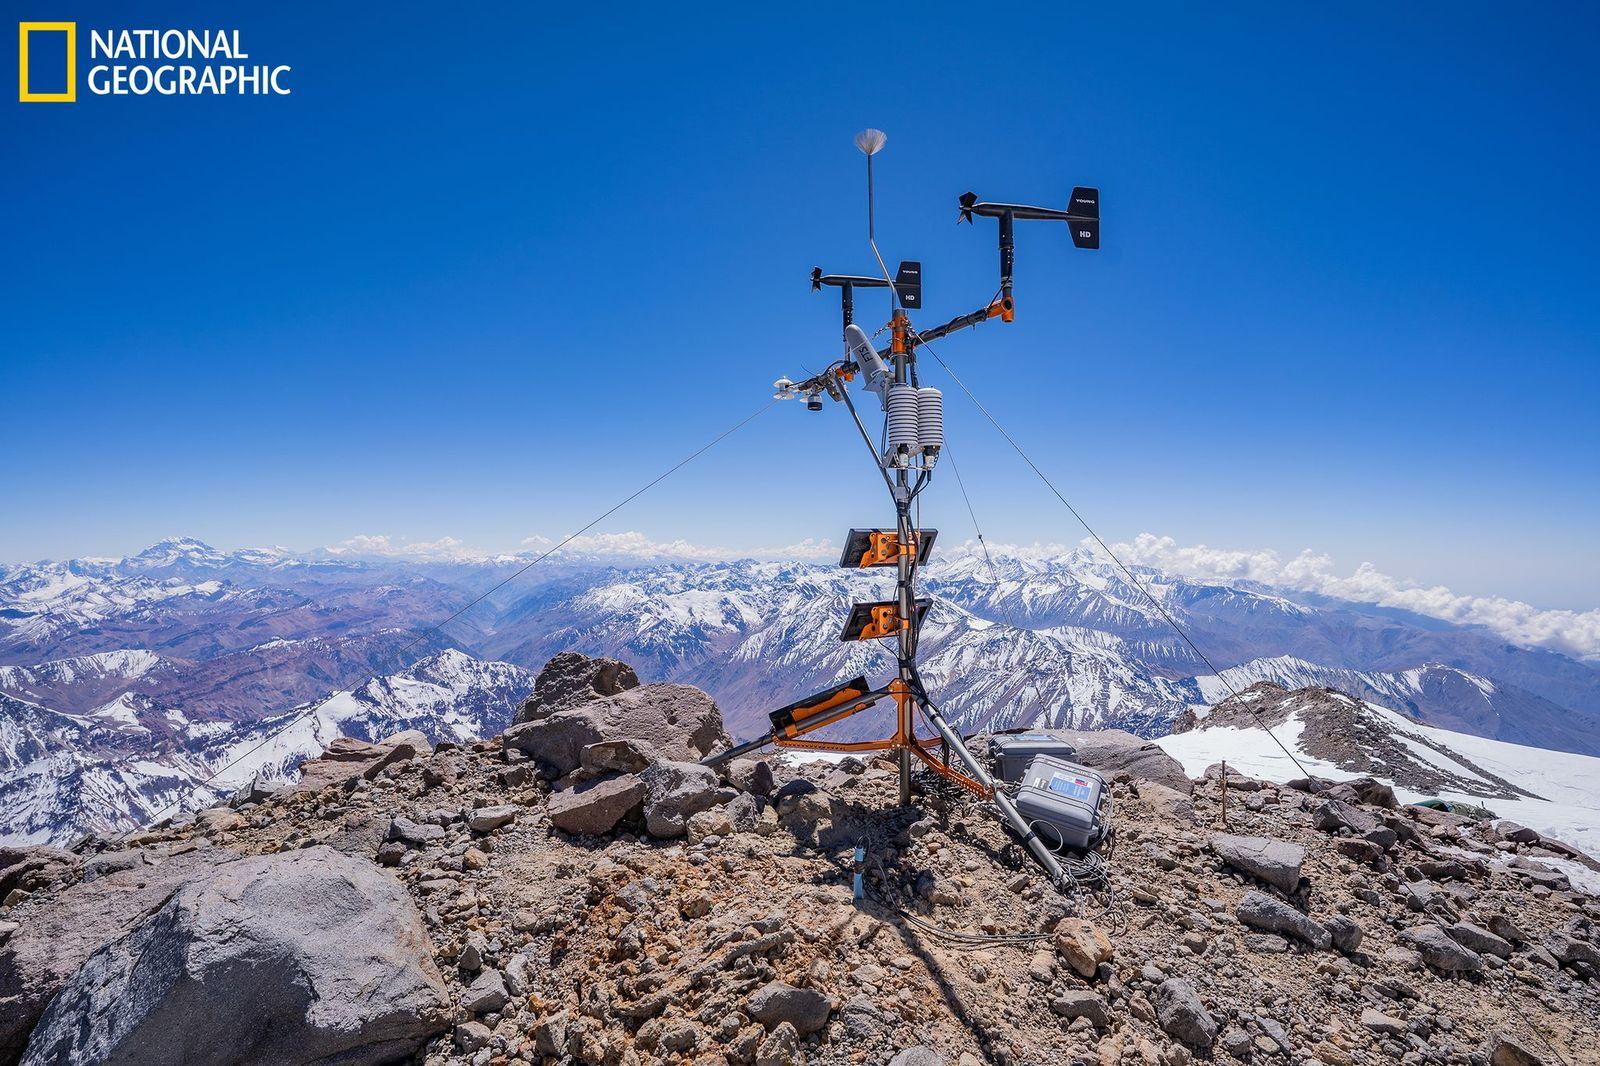 NatGeo anunció la instalación de la estación meteorológica más alta del mundo